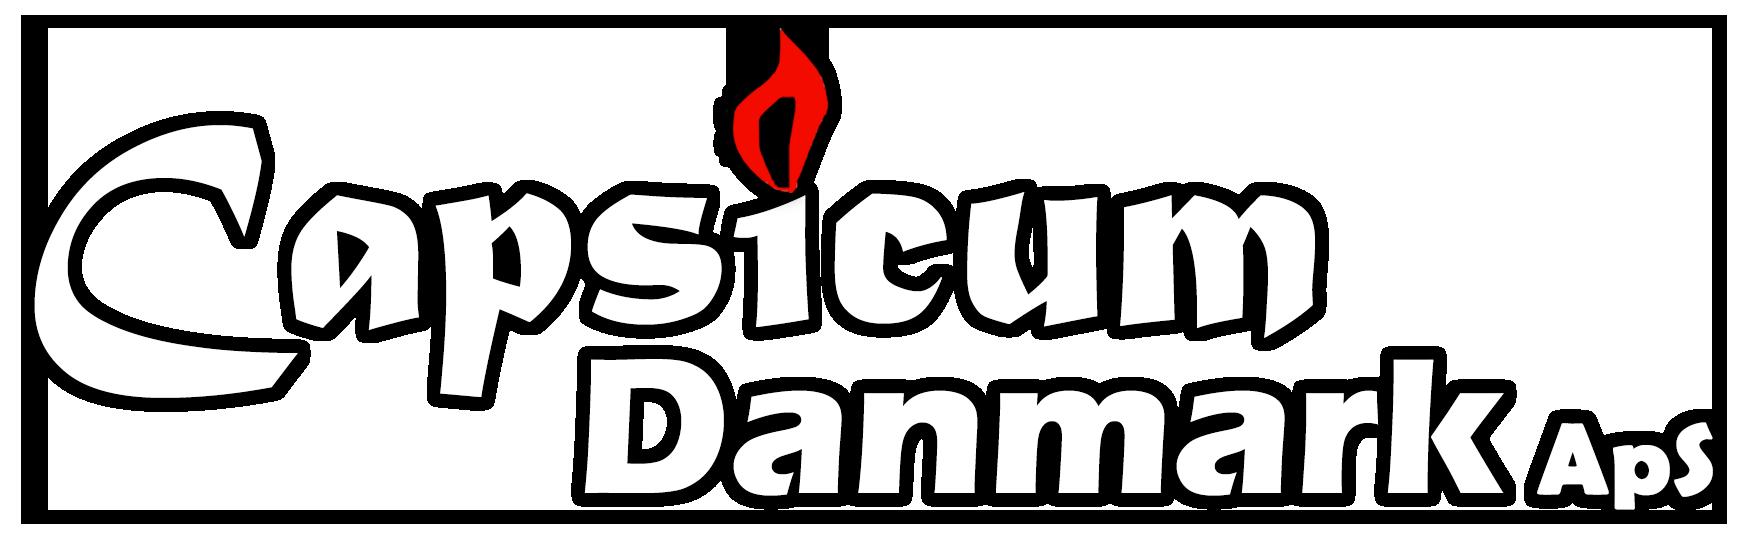 Capsicum Danmark